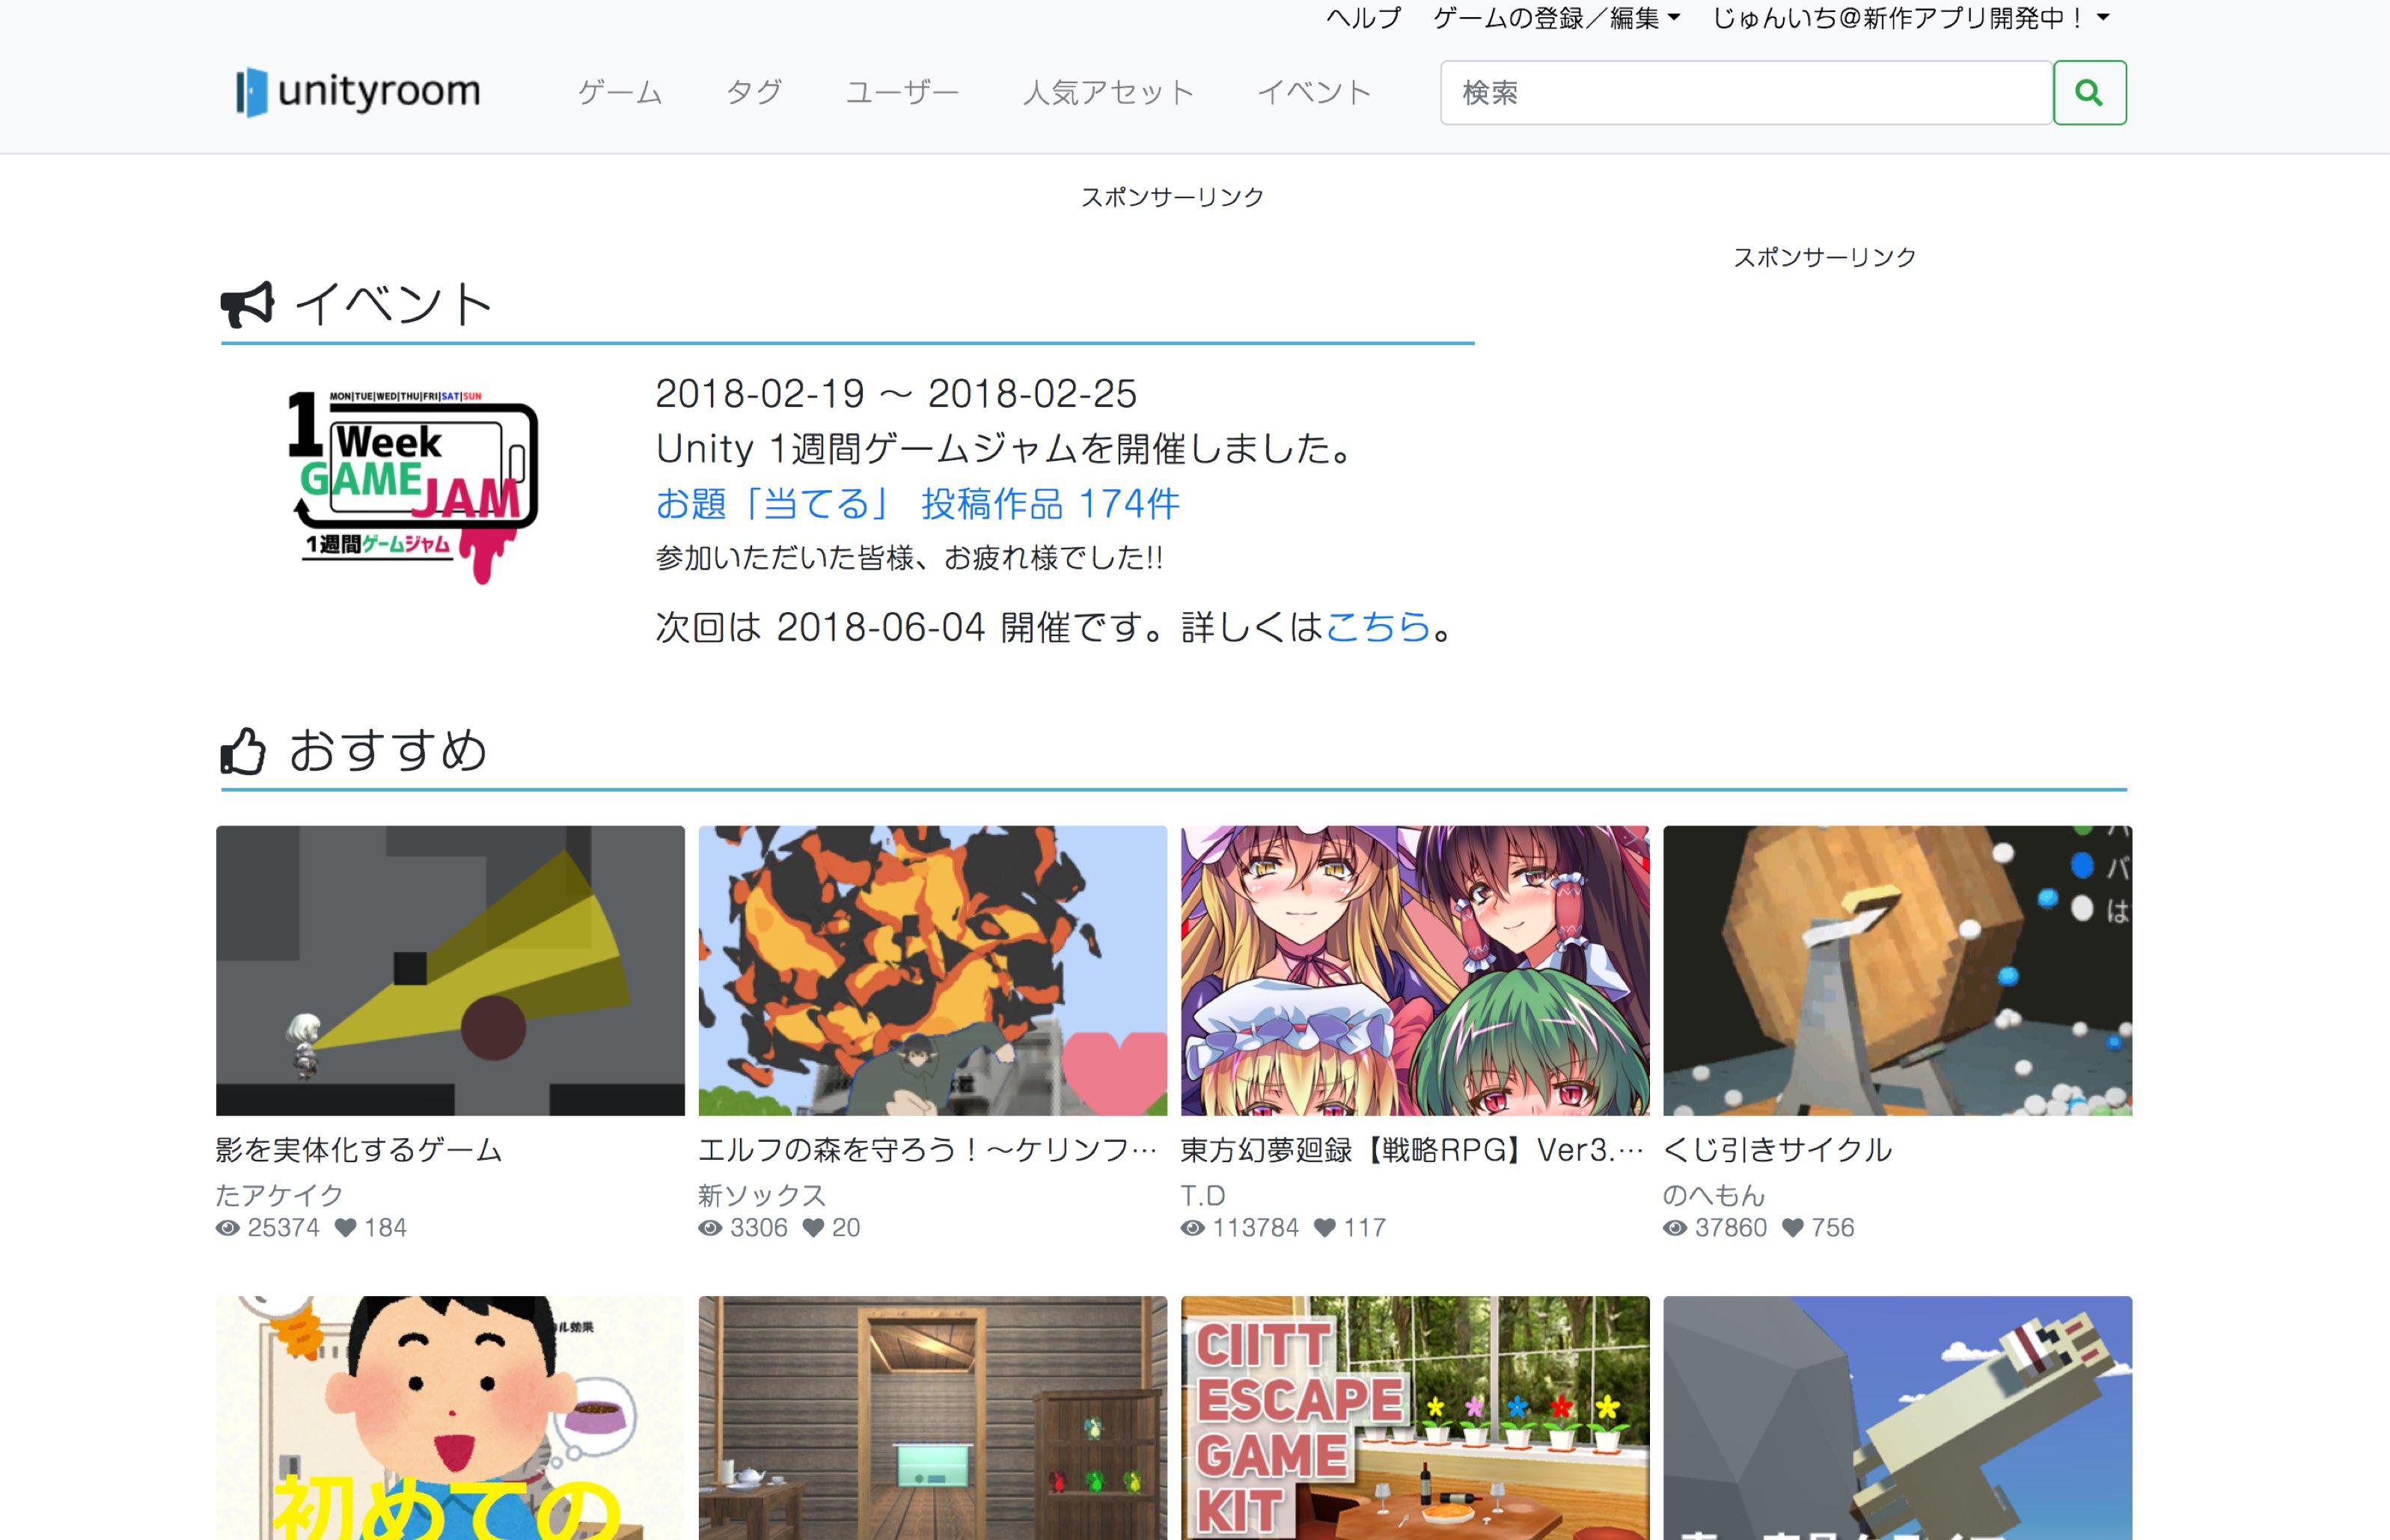 無料ゲーム投稿サイト unityroom - Unityのゲームをアップロードして公開しよう.jpg